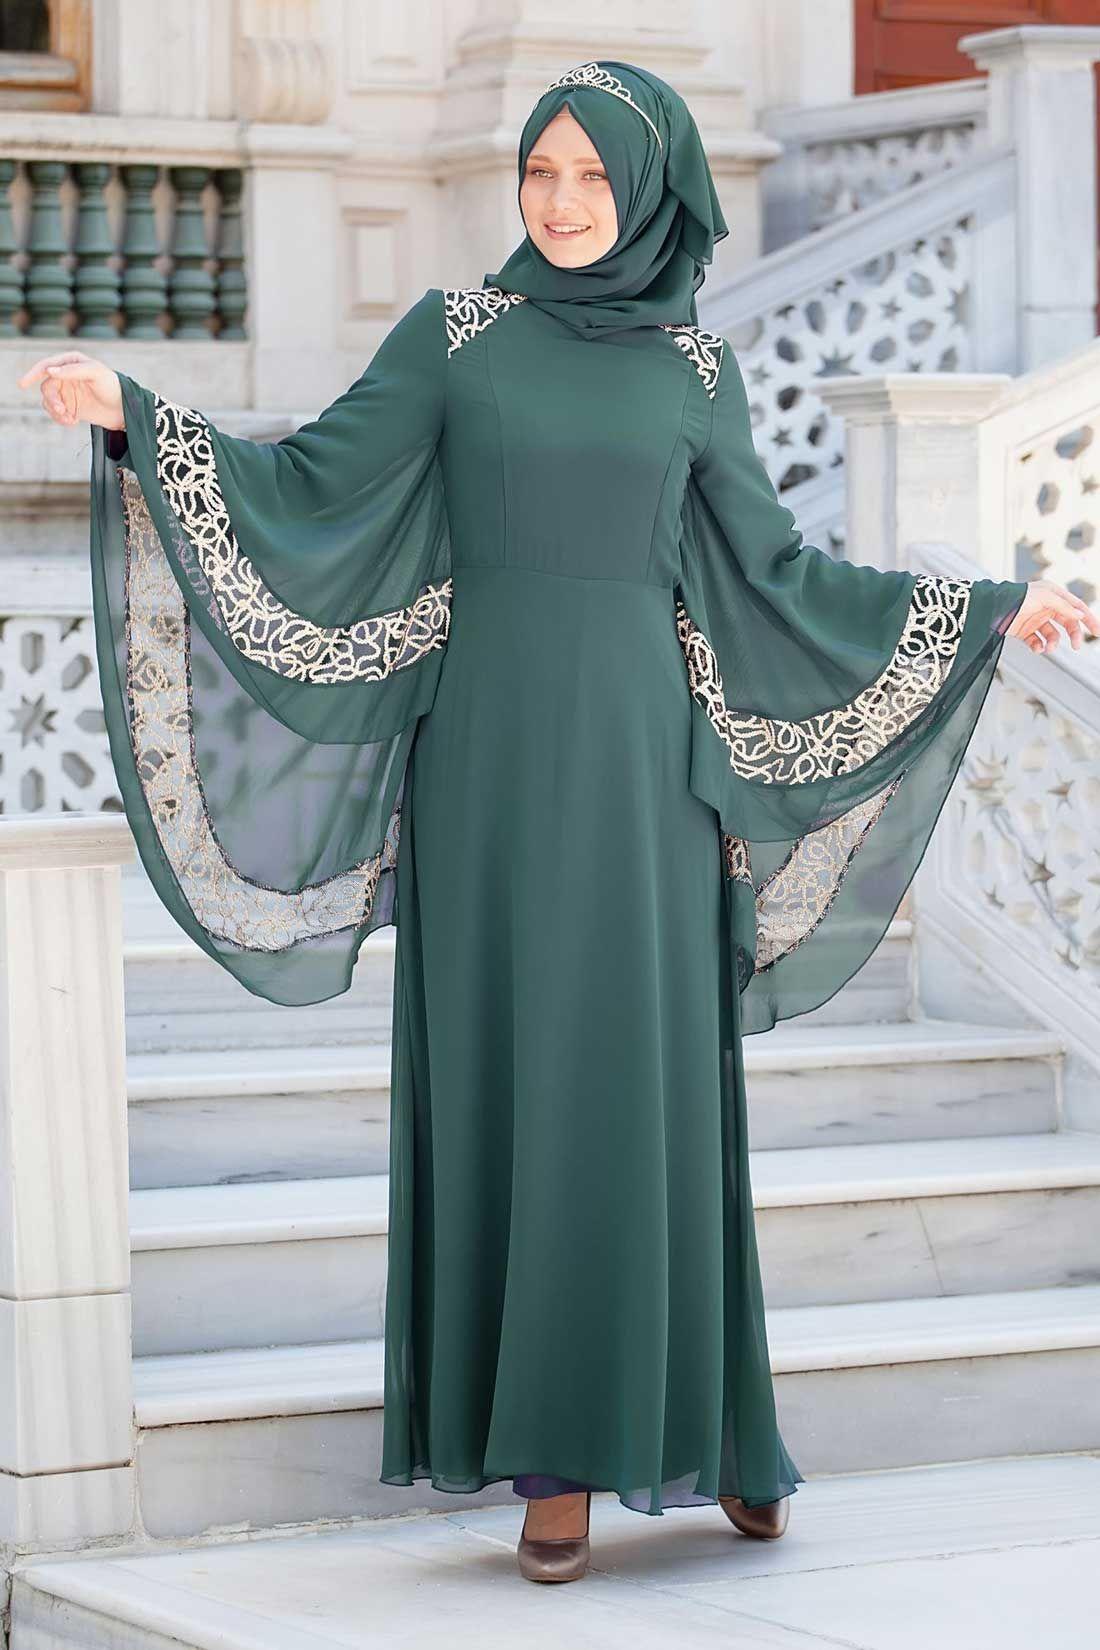 Abiye Tesettur Giyim Gunumuzde Kapali Bayanlarin Abiye Tercih Etmis Oldugu Giyim Cesididir Tesettur Abiye Tesettur Elbise Ab Moda Stilleri Kadin Olmak Elbise